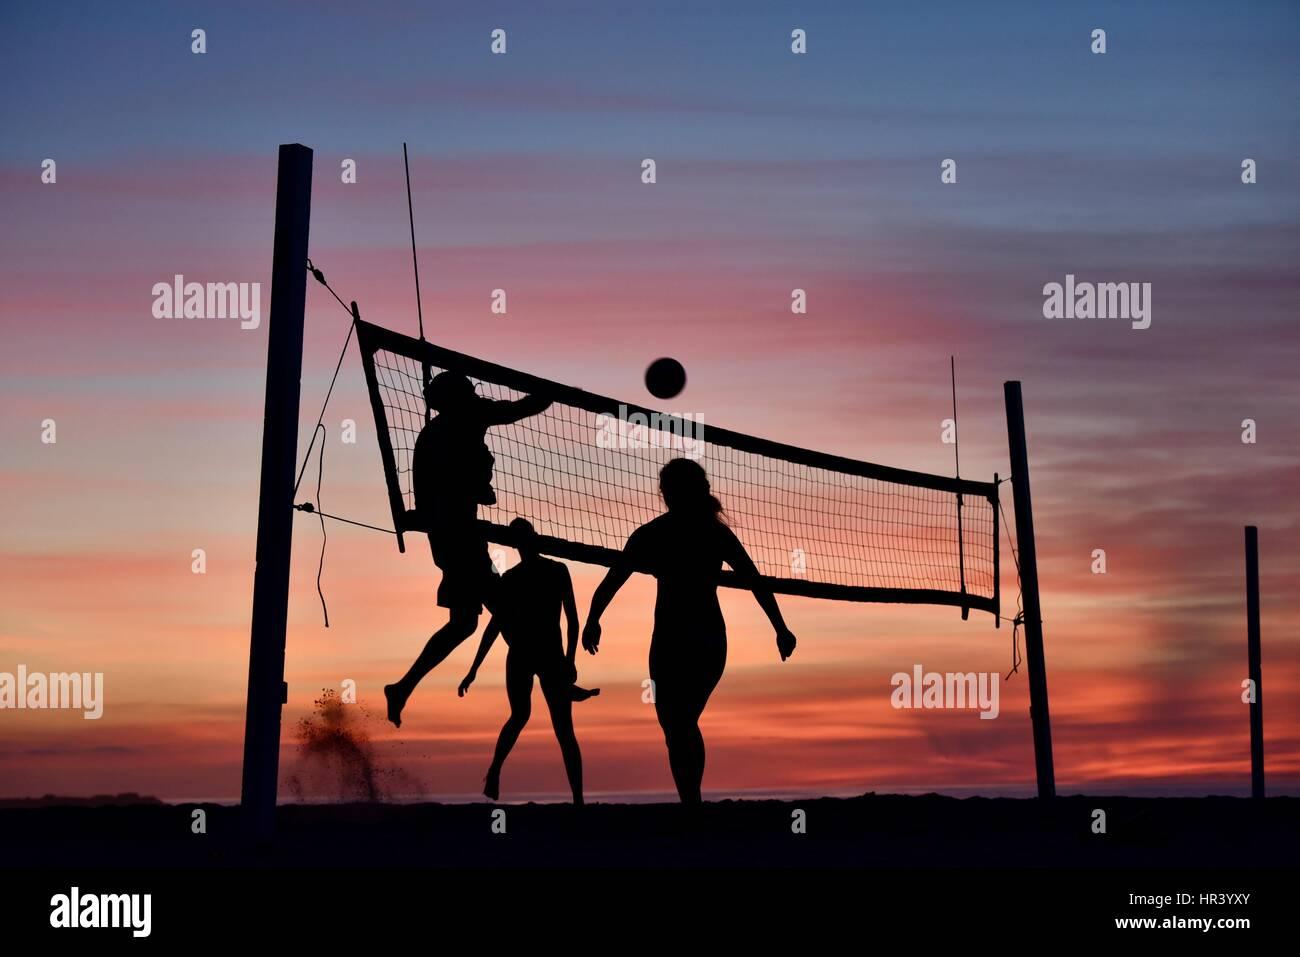 Siluetas de jugadores de voleibol femenino practicar voleibol en una playa al atardecer en Mission Beach, San Diego,Foto de stock